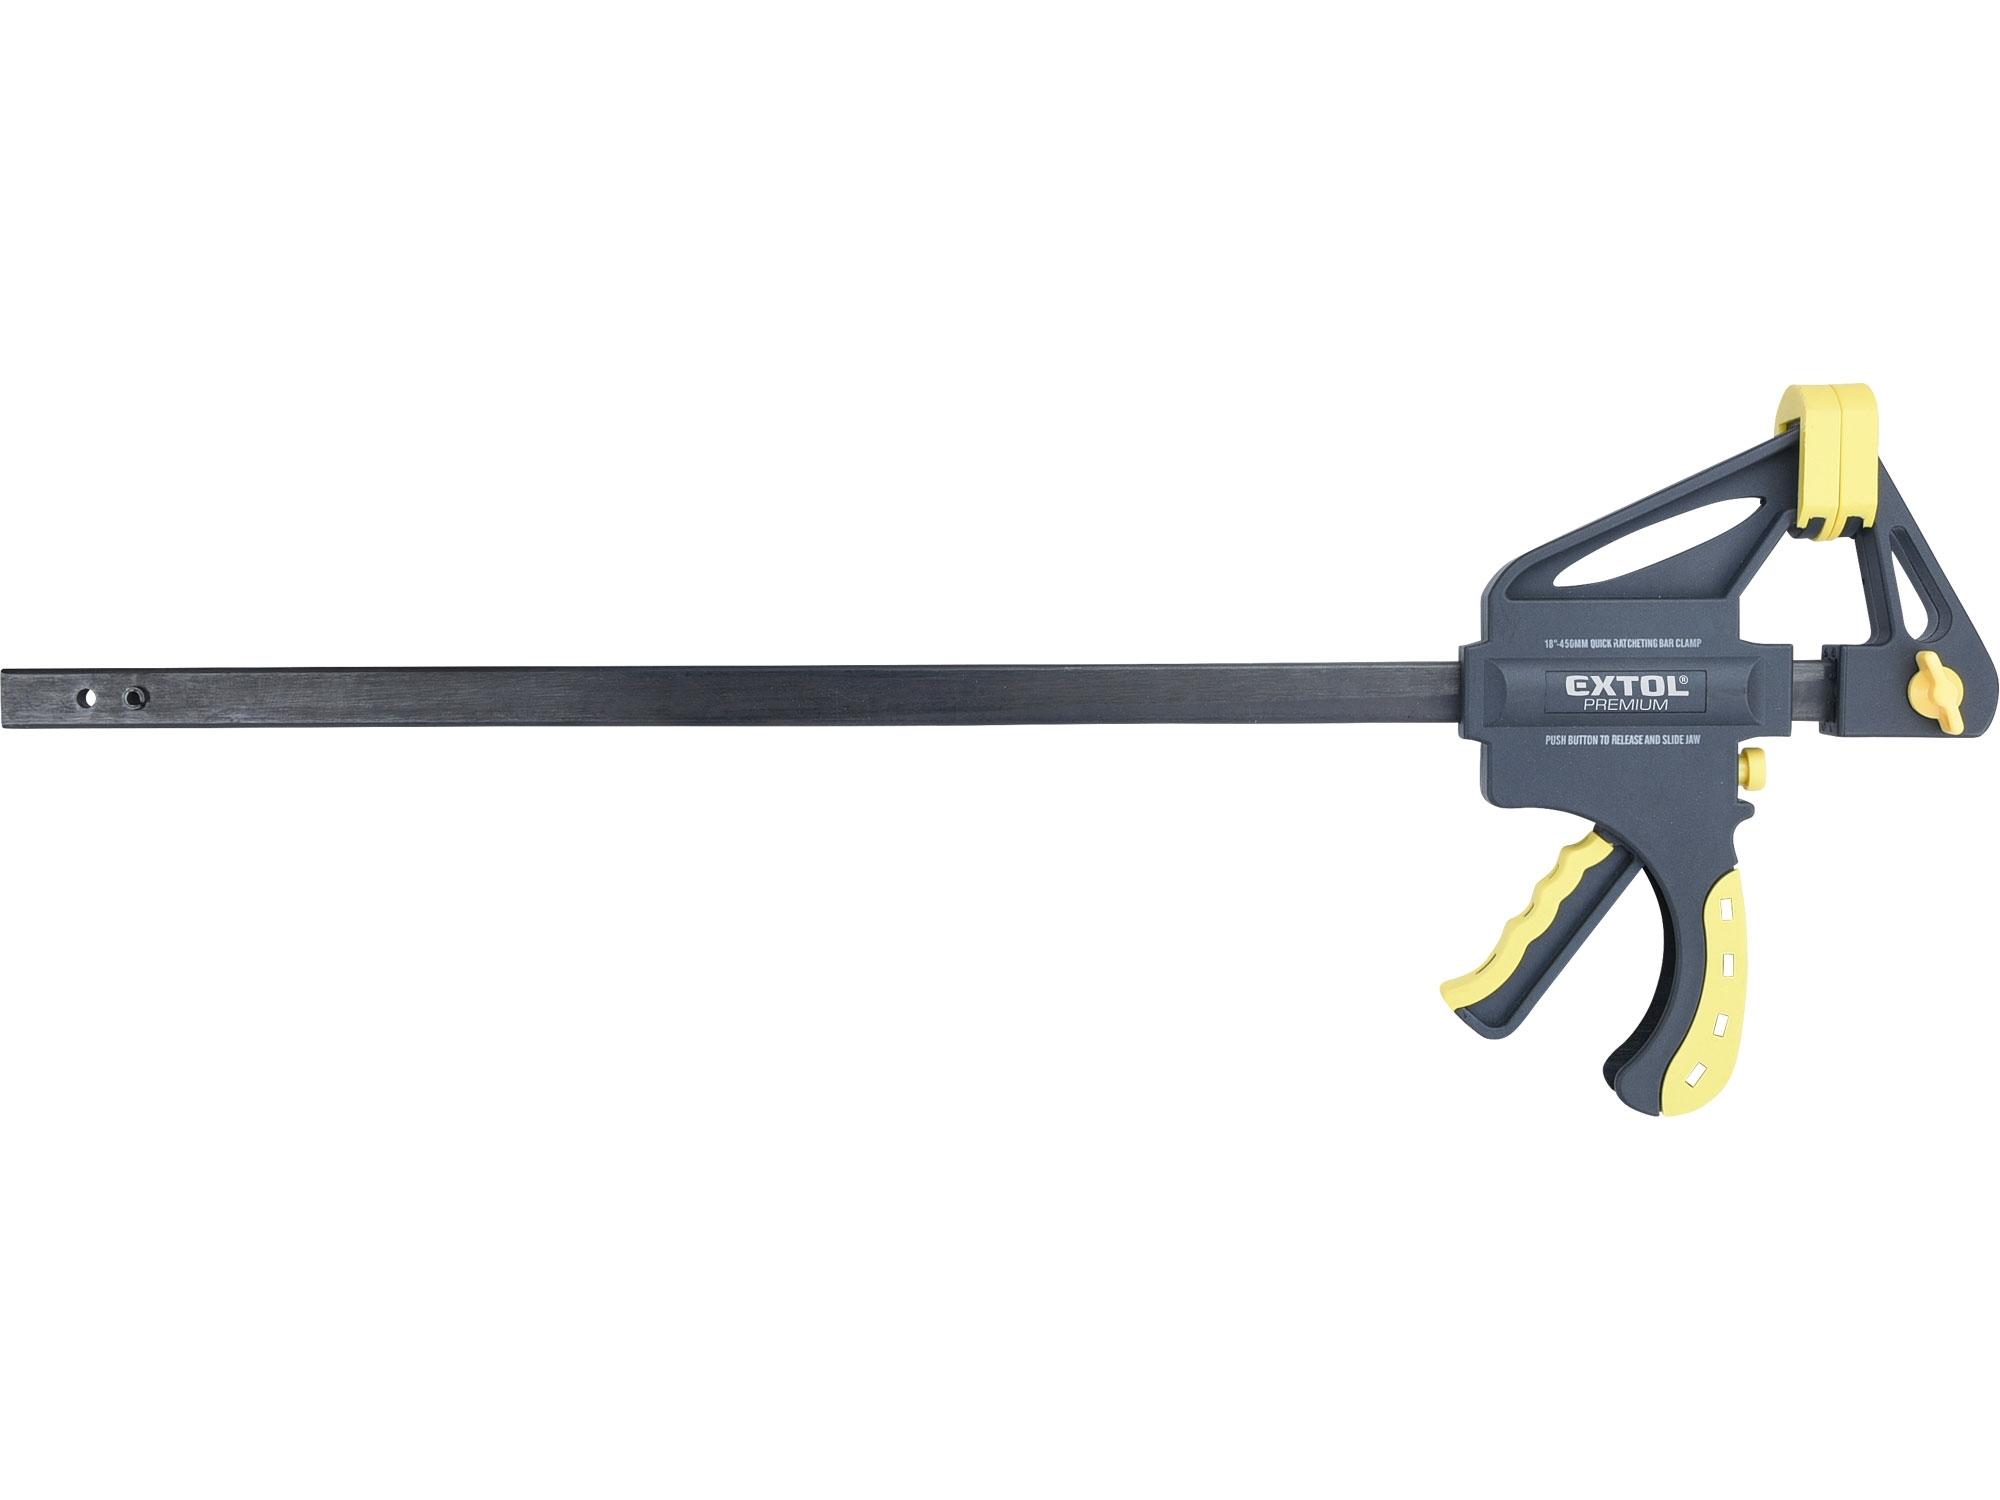 svěrka rychloupínací HEAVY DUTY, 450mm, EXTOL CRAFT 715506